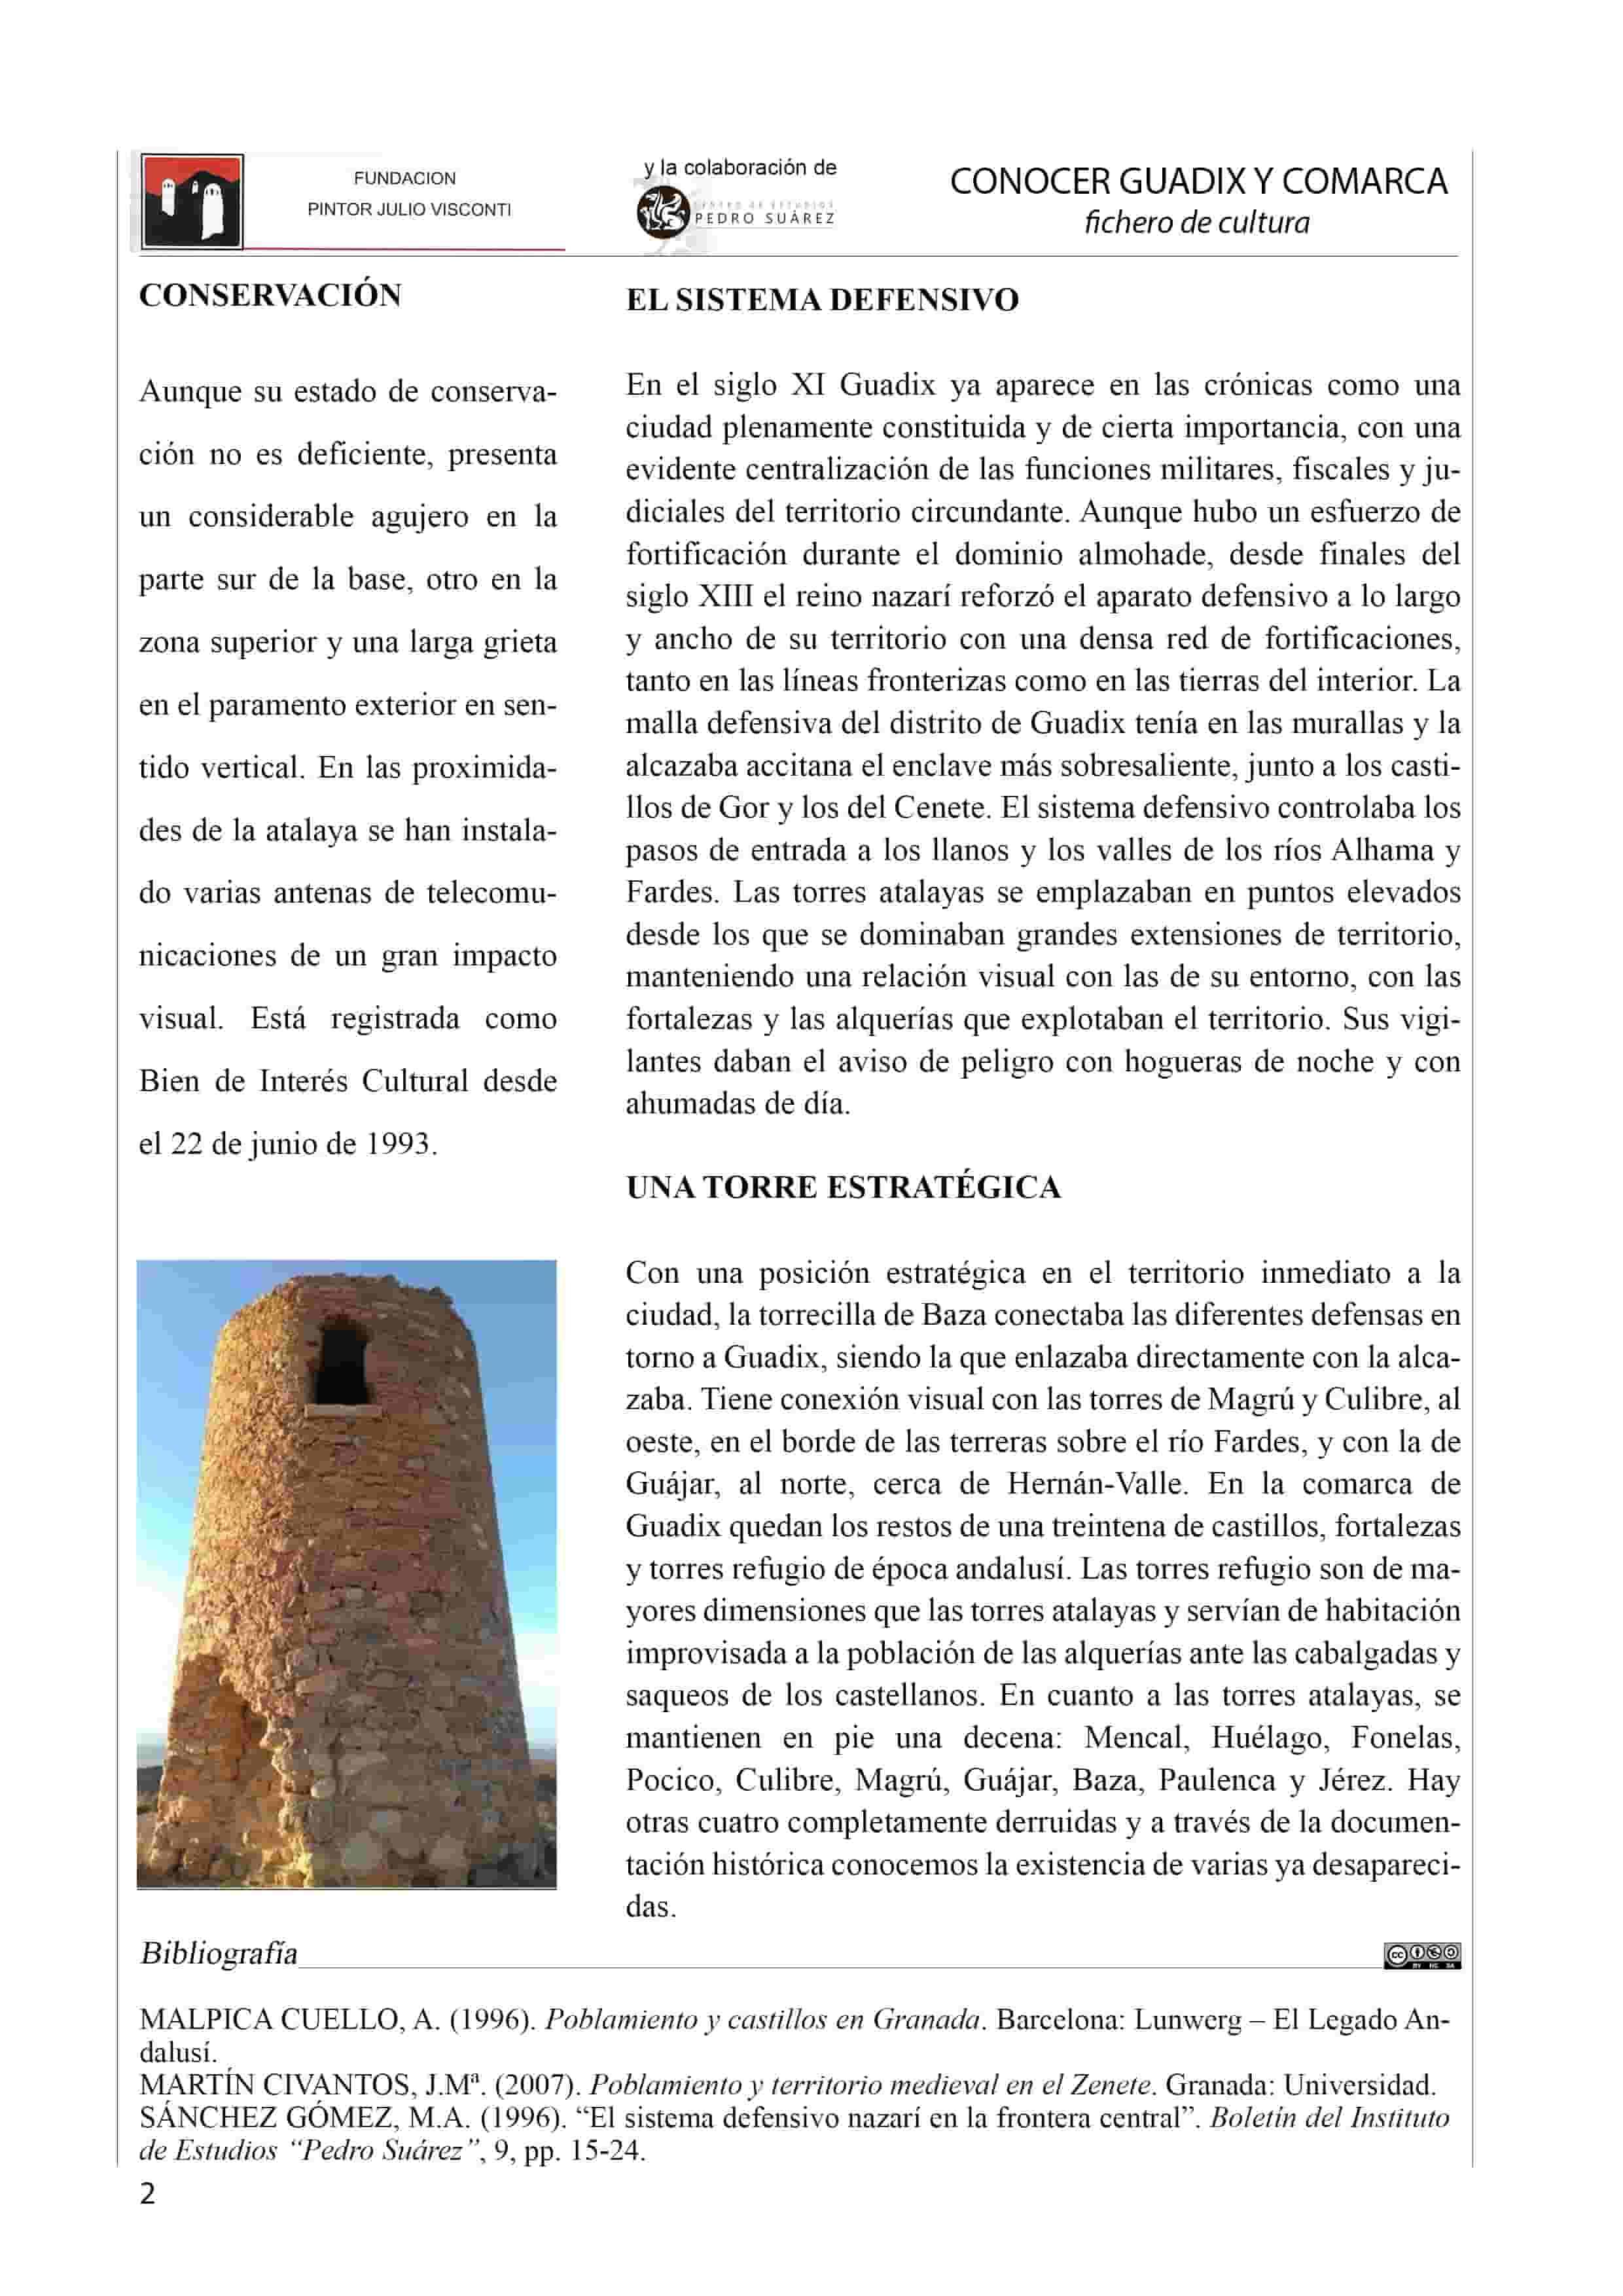 La Torrecilla de Baza 2-min